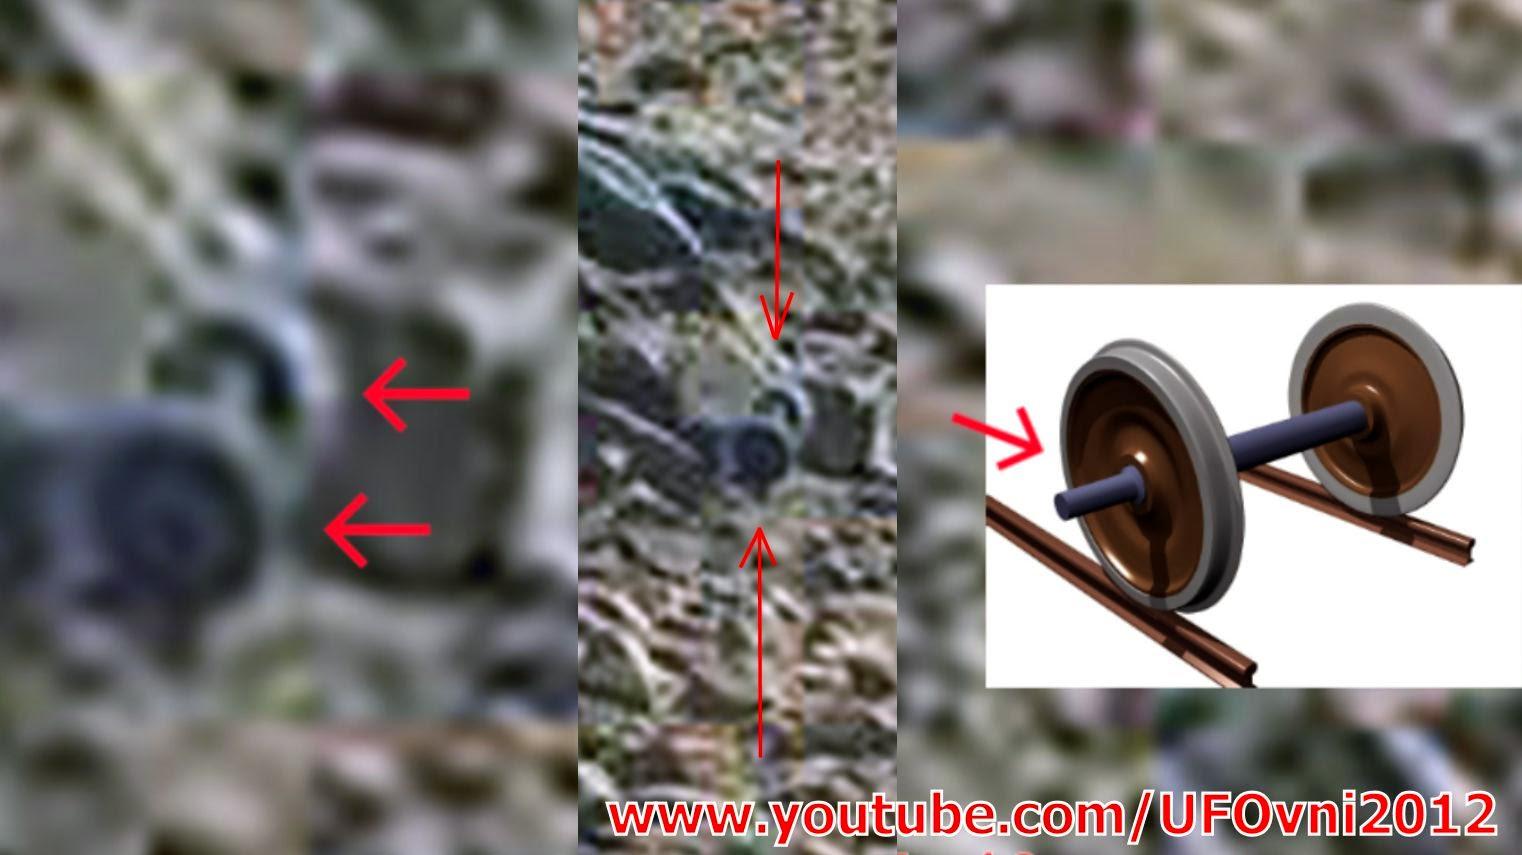 Ancient Aliens On Mars : Semblable à un essieu à roues objet se trouve sur la surface de Mars